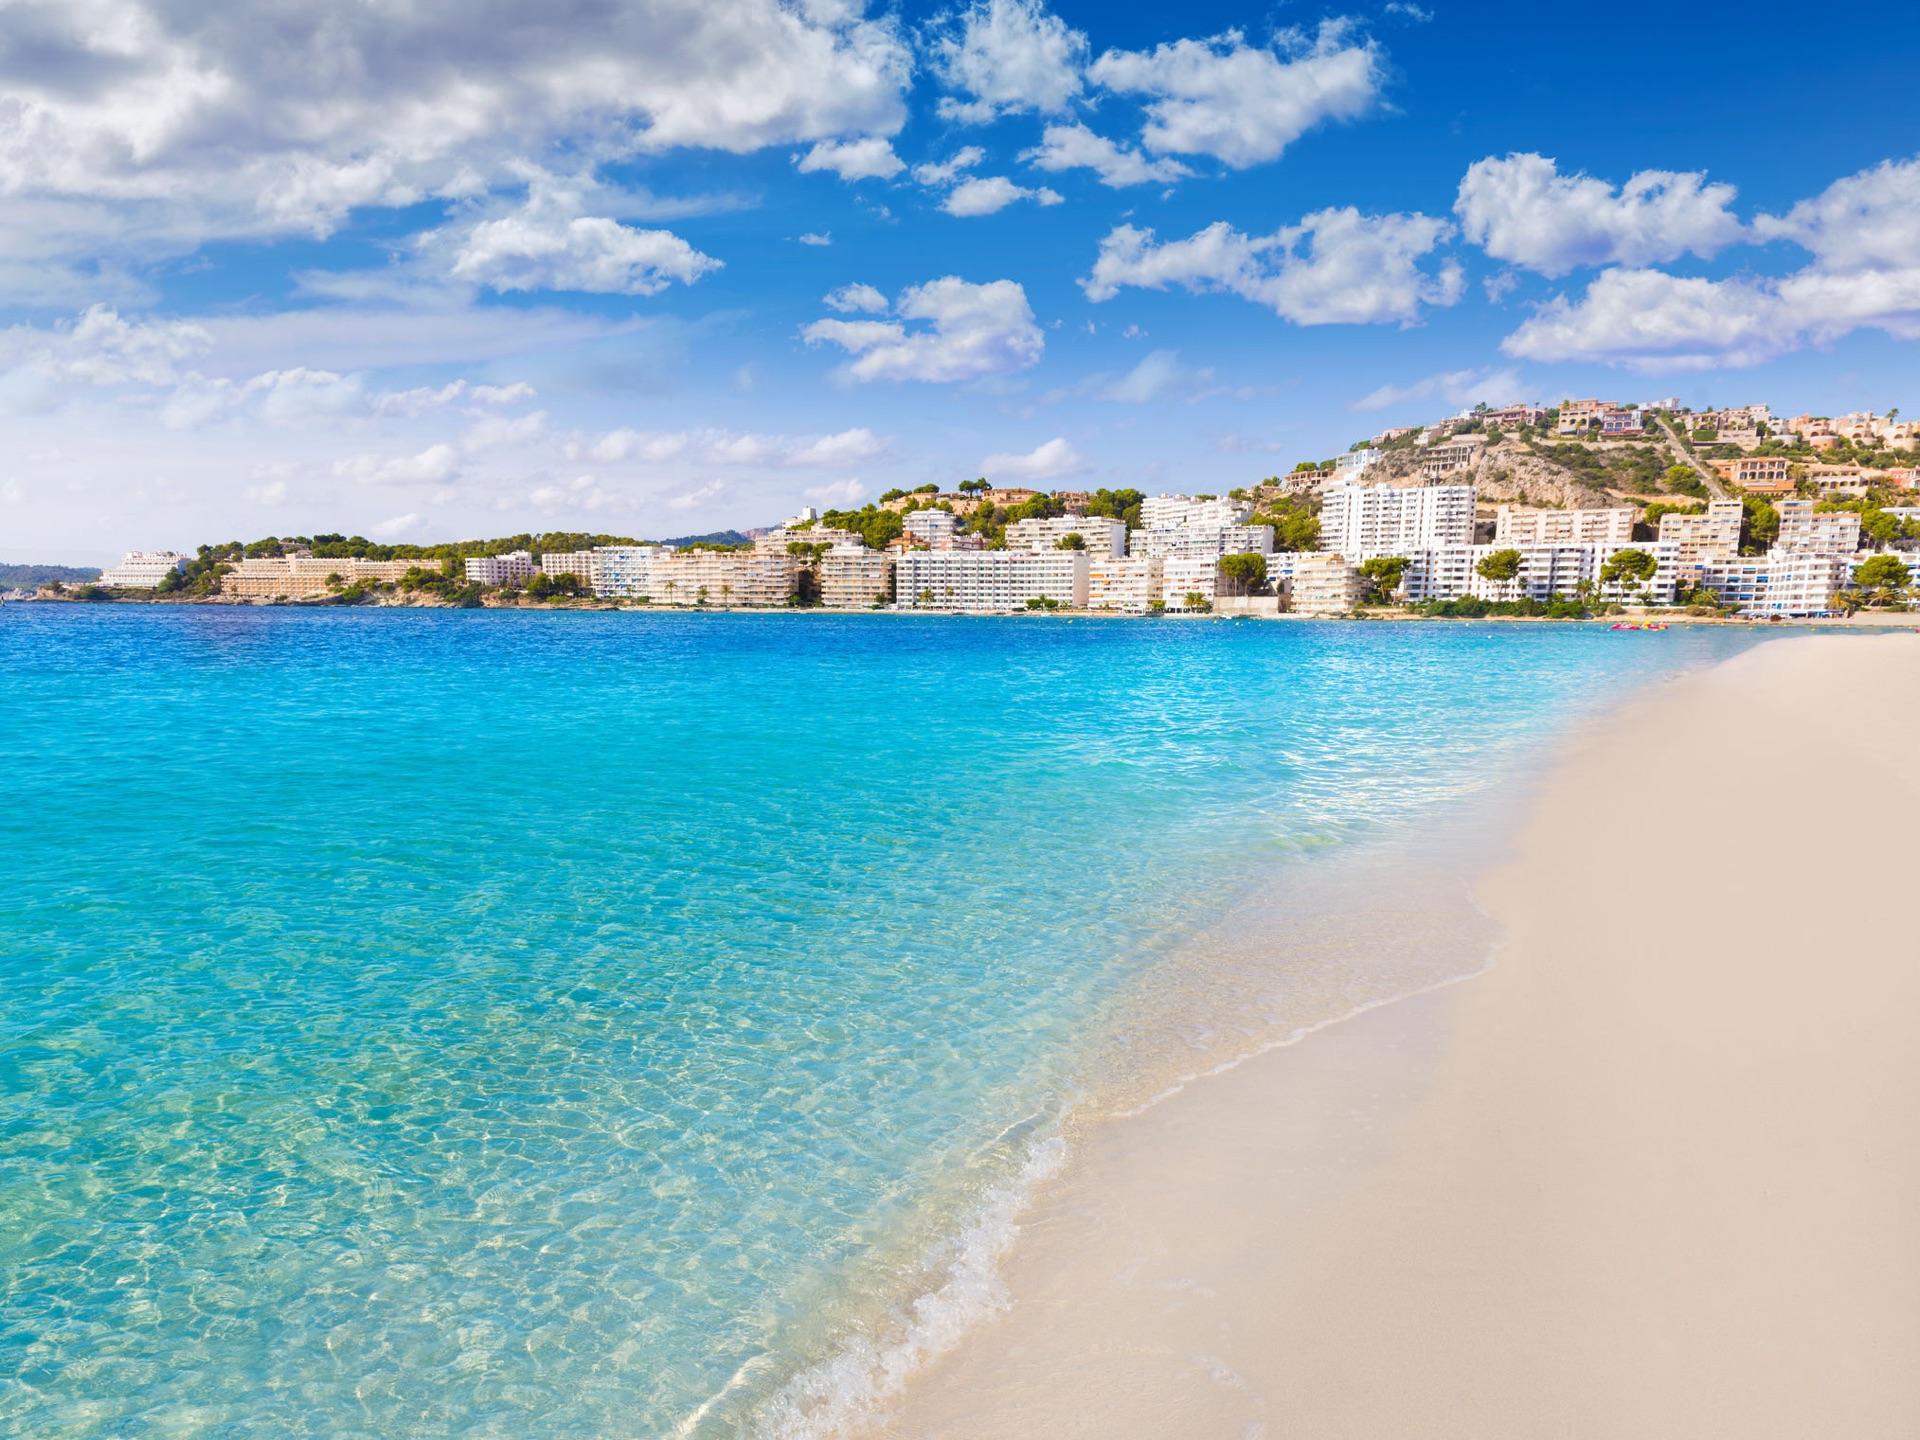 Santa Ponsa beaches